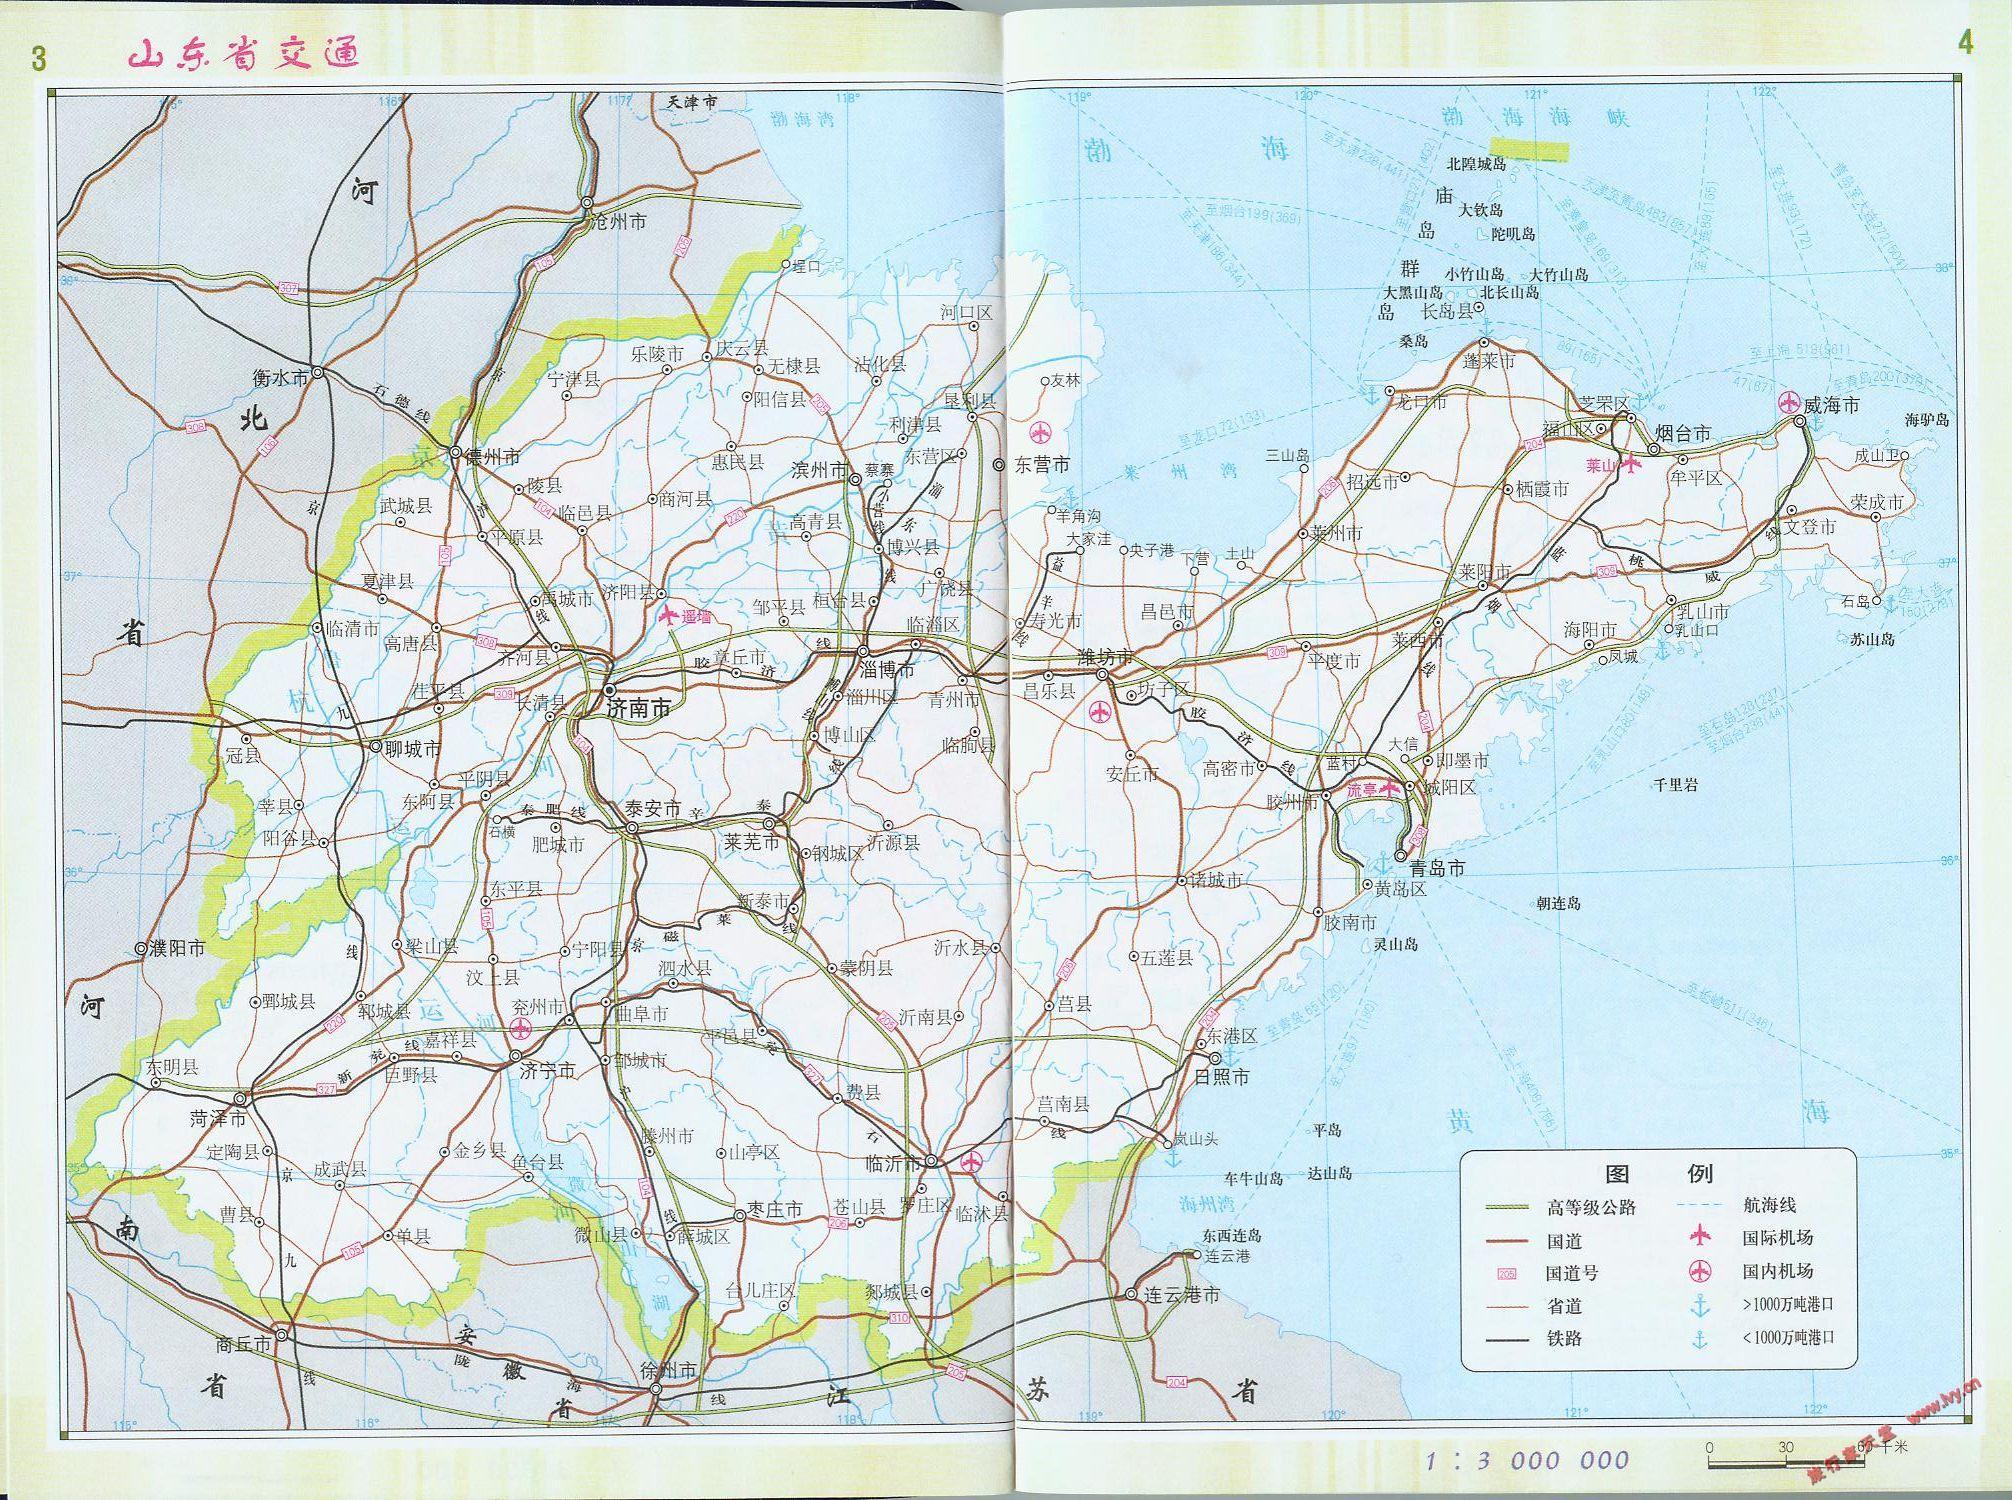 山东省交通地图